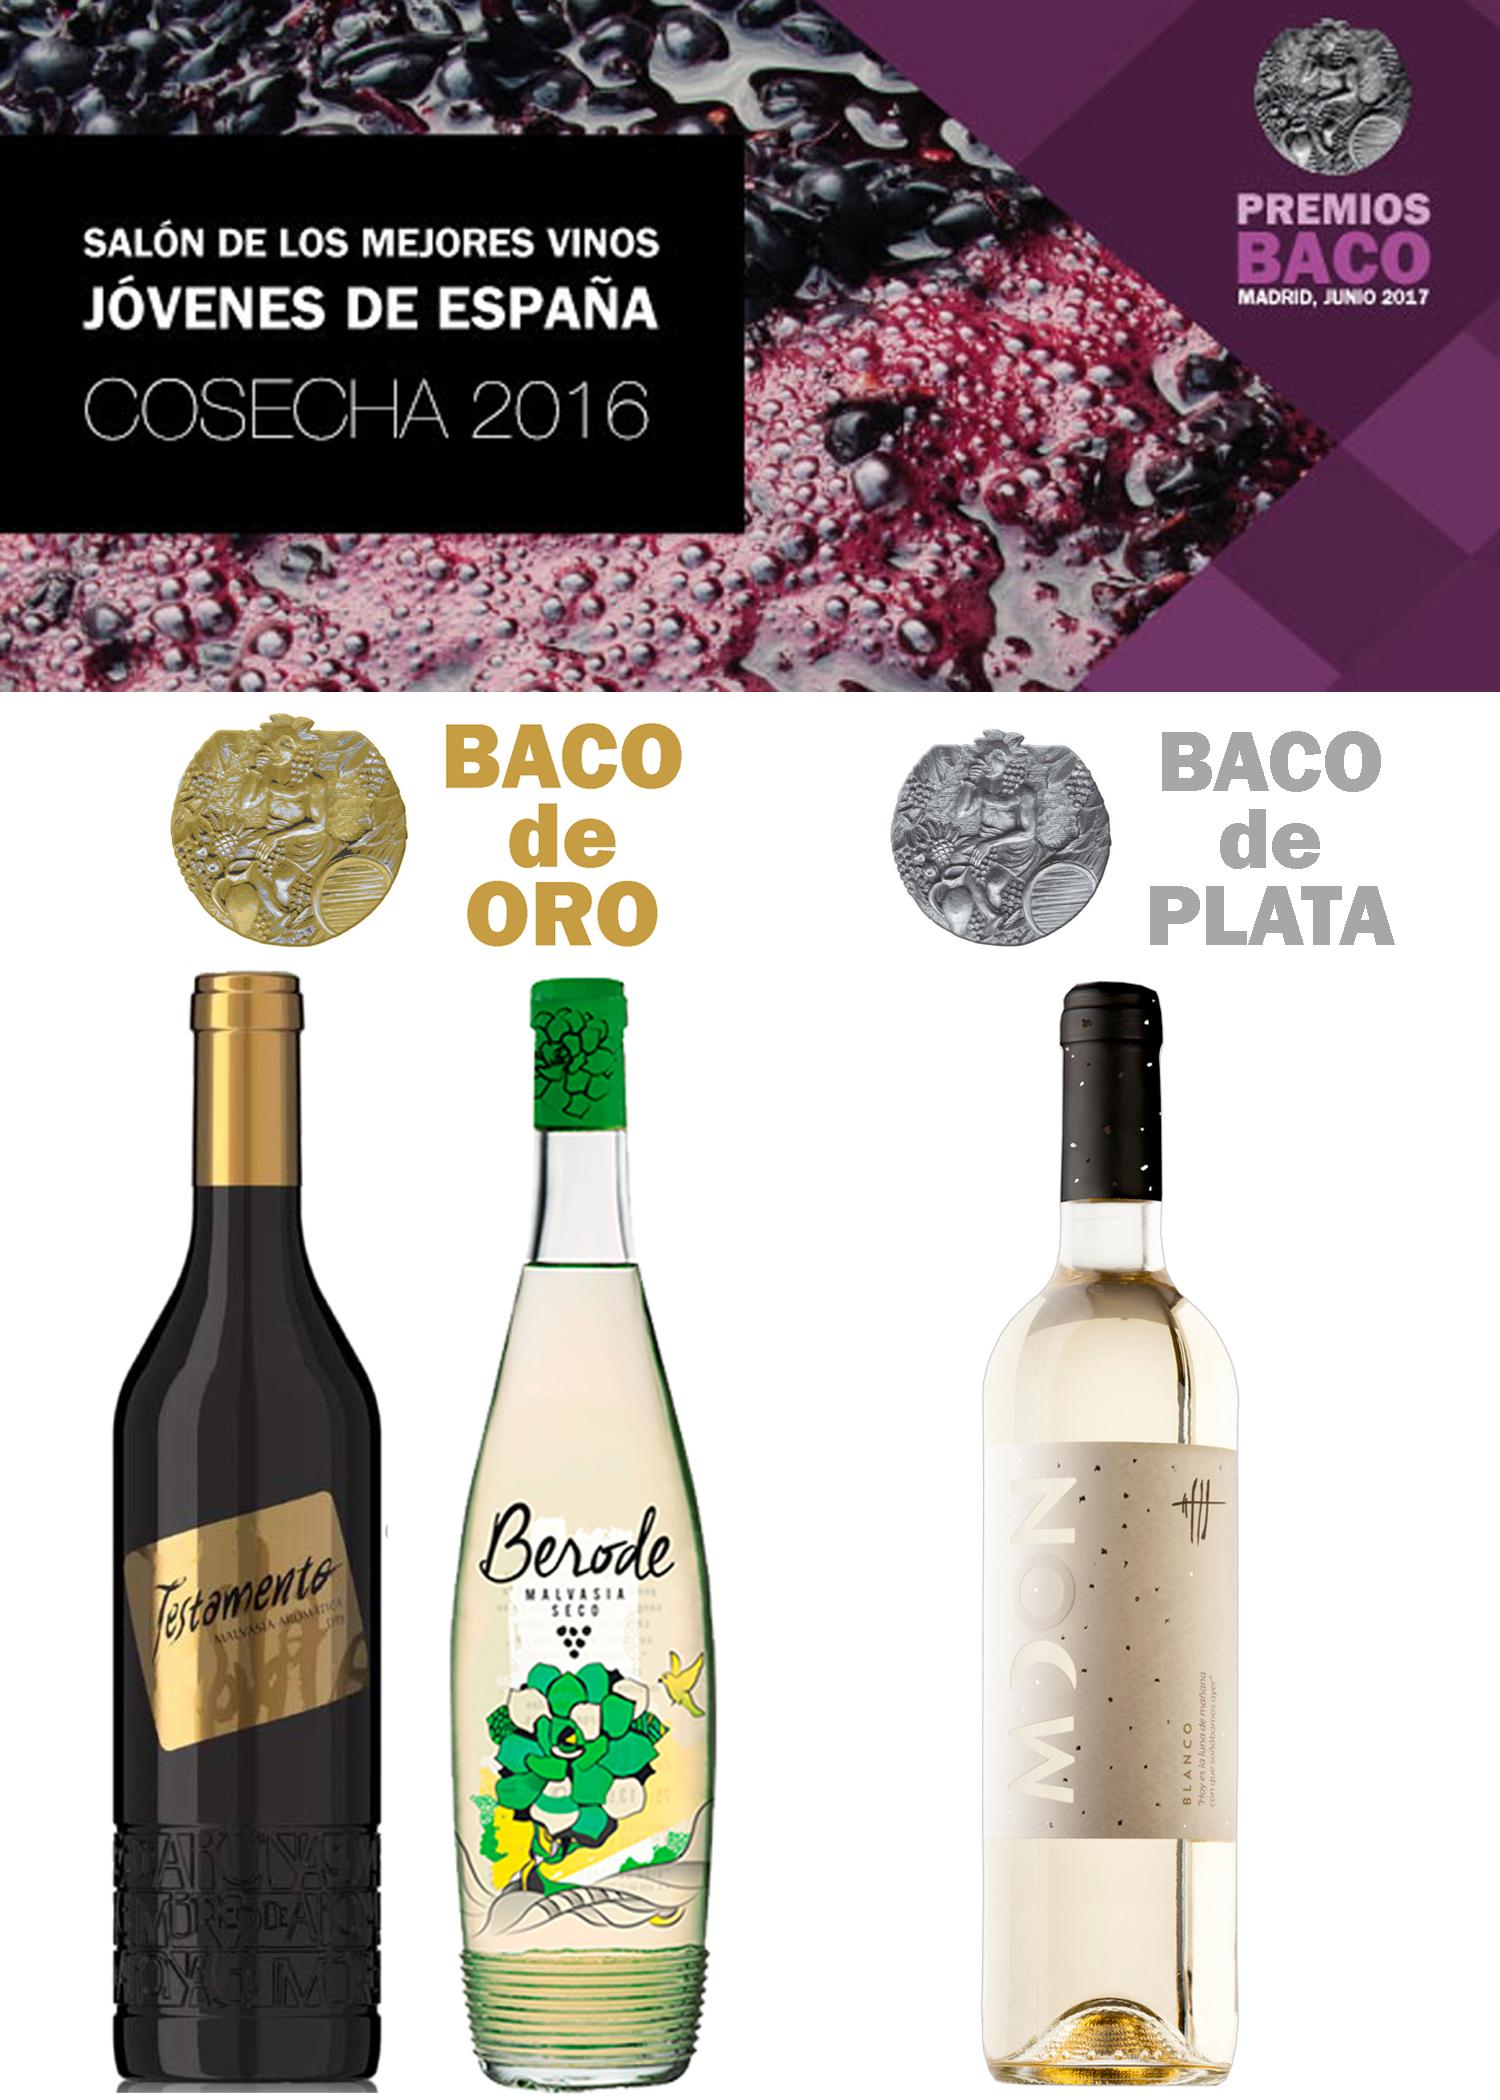 Premios BACO cosecha 2016